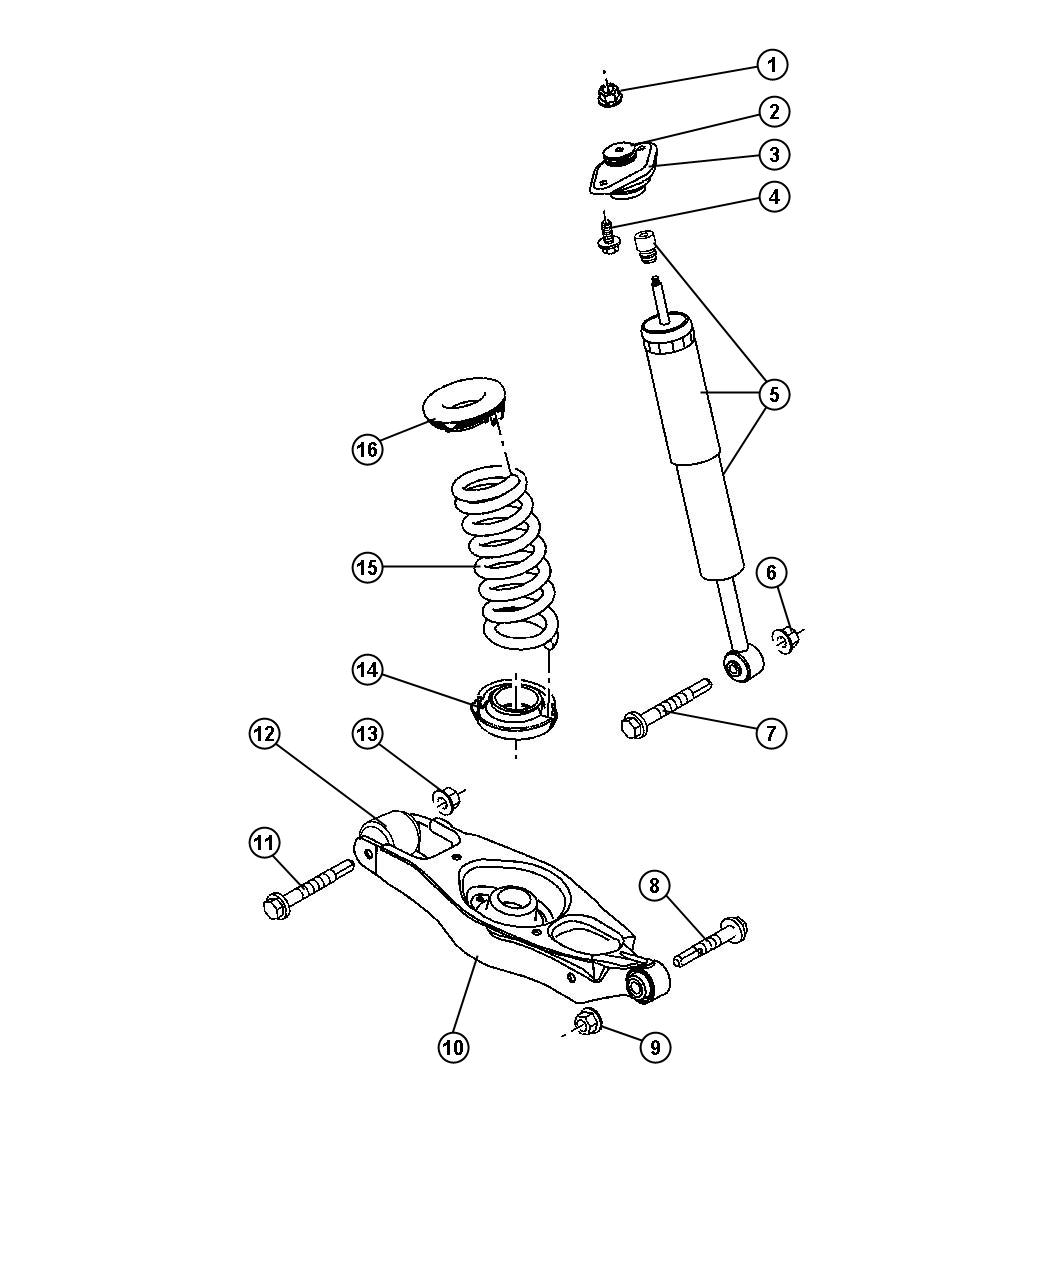 2006 Dodge Charger Shock absorber. Suspension. Rear. [sdg